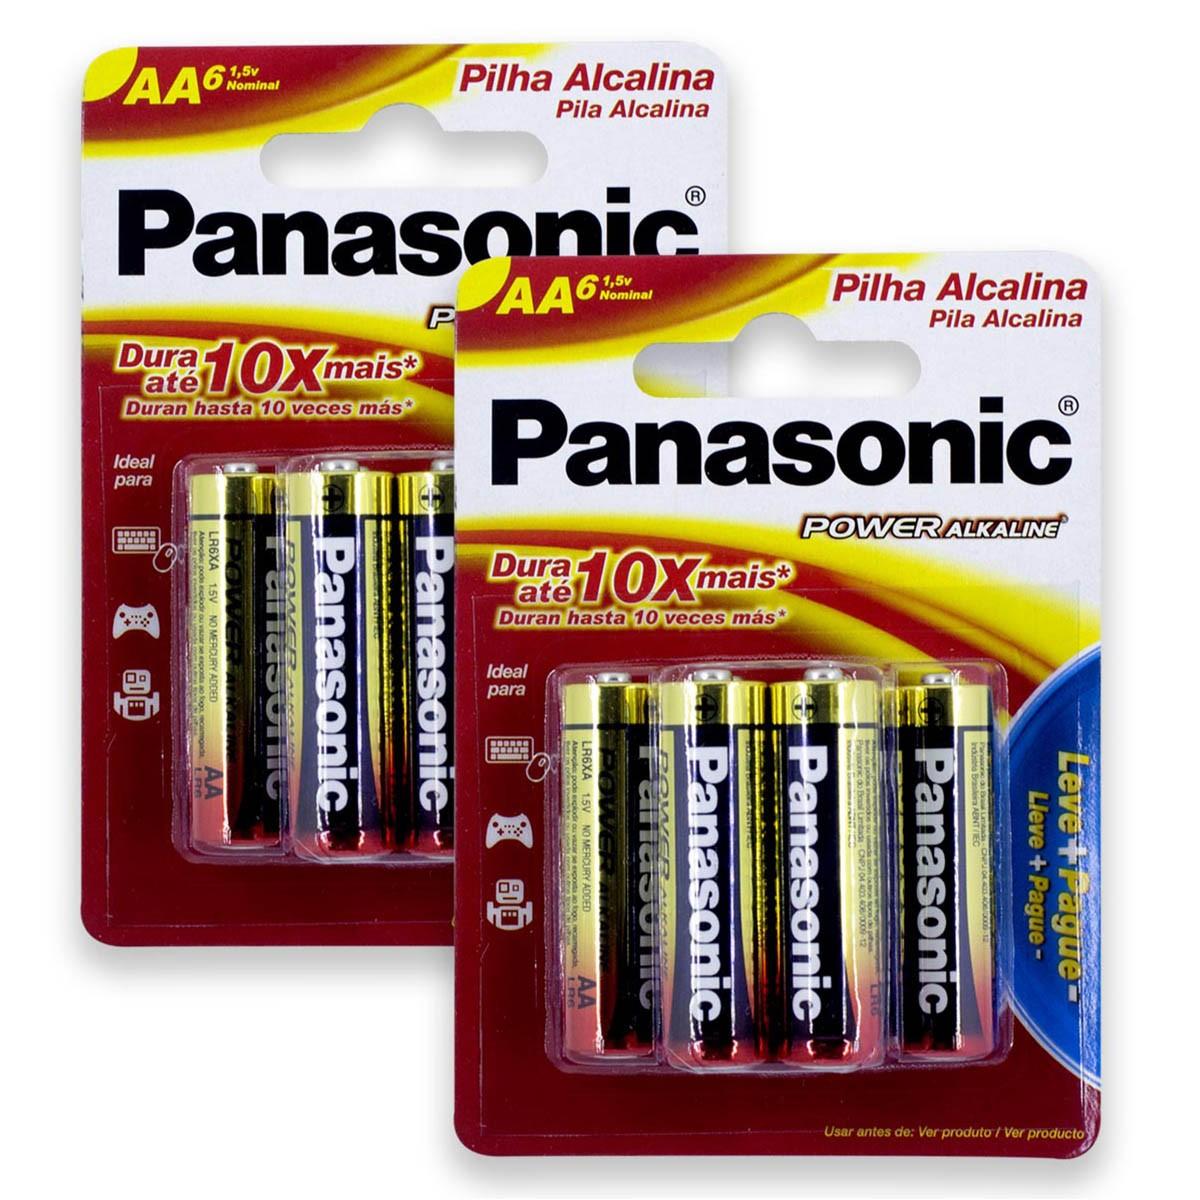 12 Pilhas AA Alcalina PANASONIC 2 cartelas